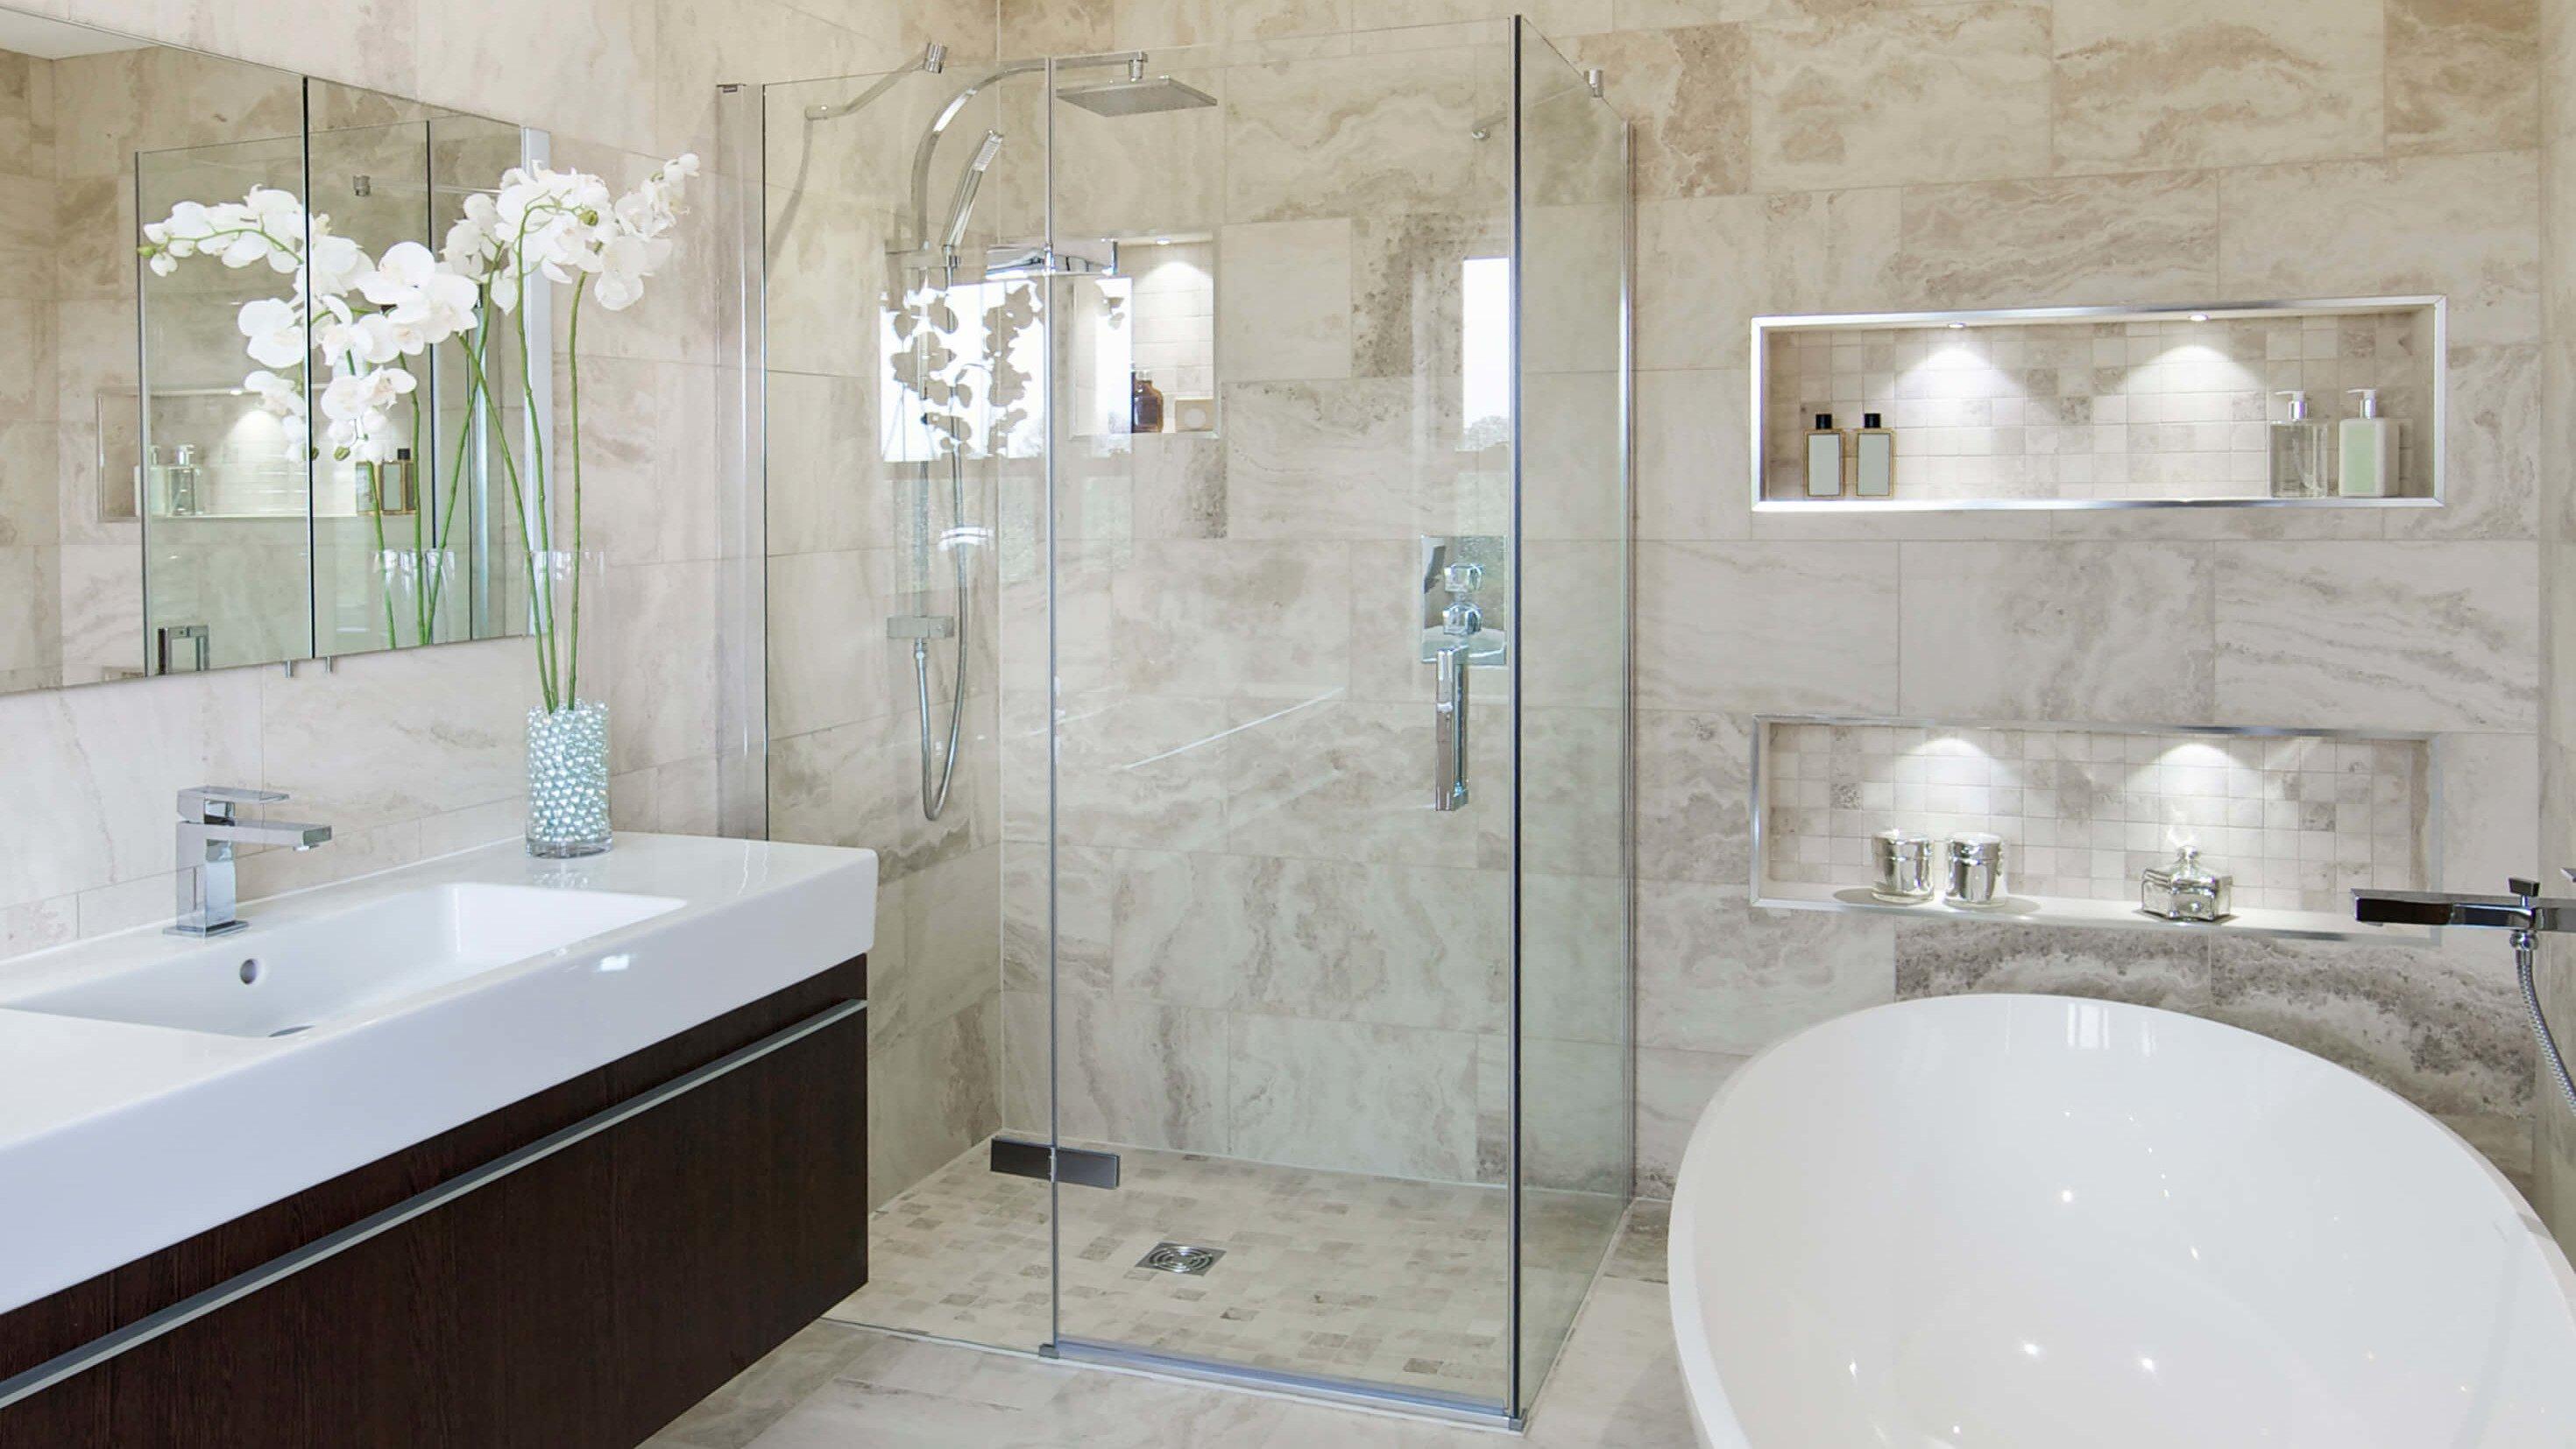 Bodengleiche Duschen setzen mehr als nur Akzente